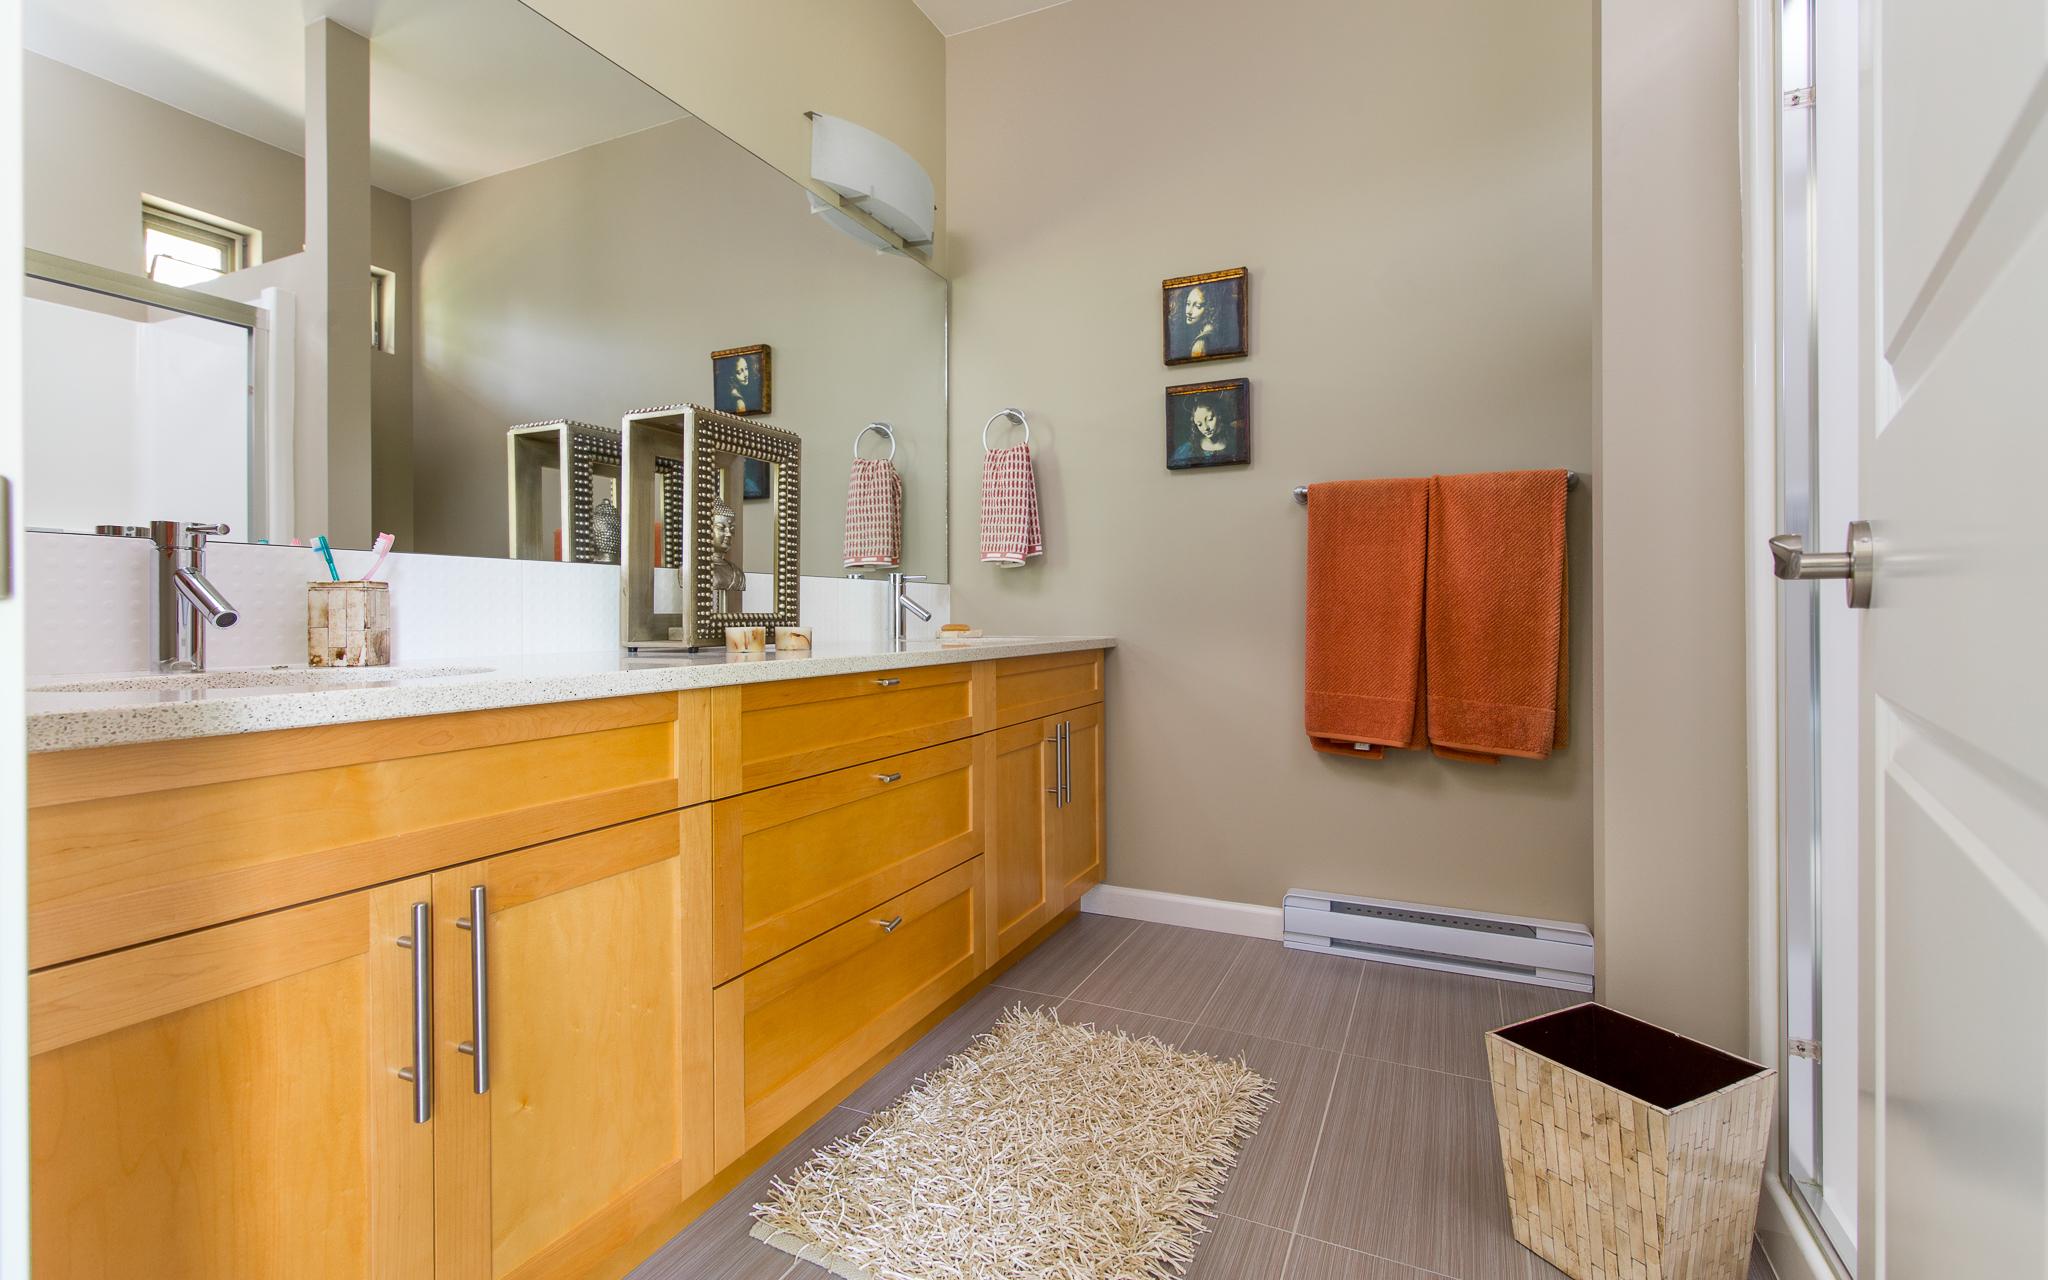 Acorn bathroom furniture -  Acorn 20